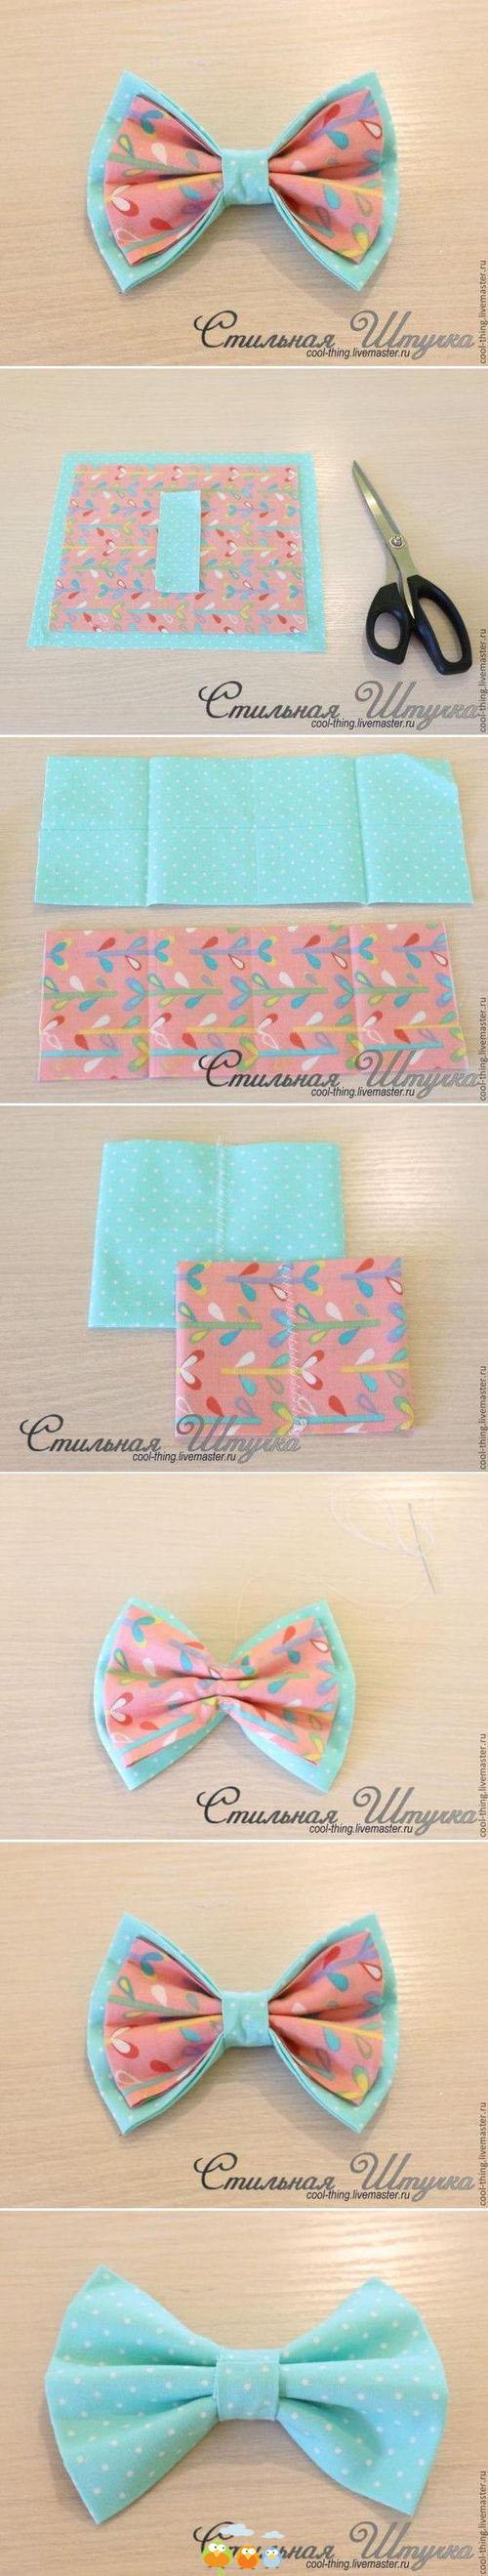 fabric bow ideas